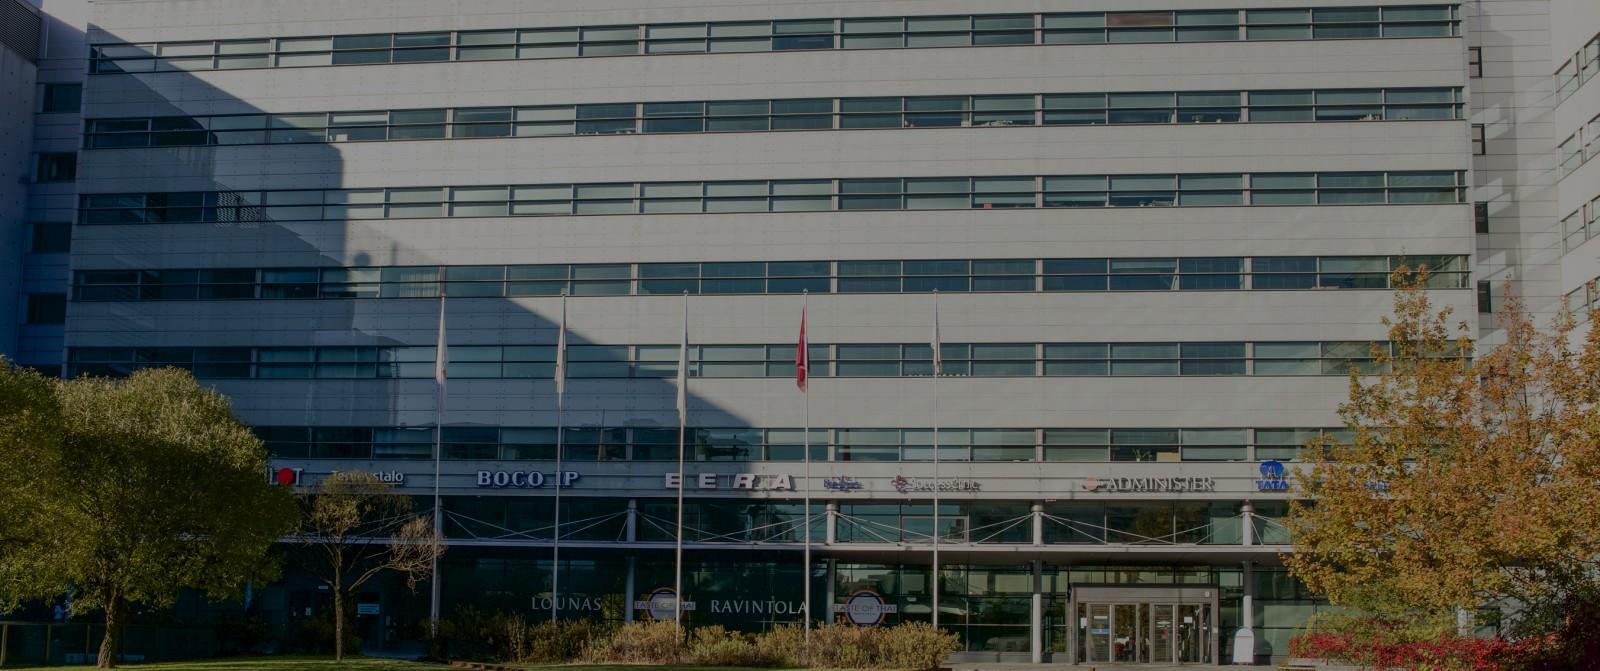 Administerillä on toimipisteitä ympäri Suomea